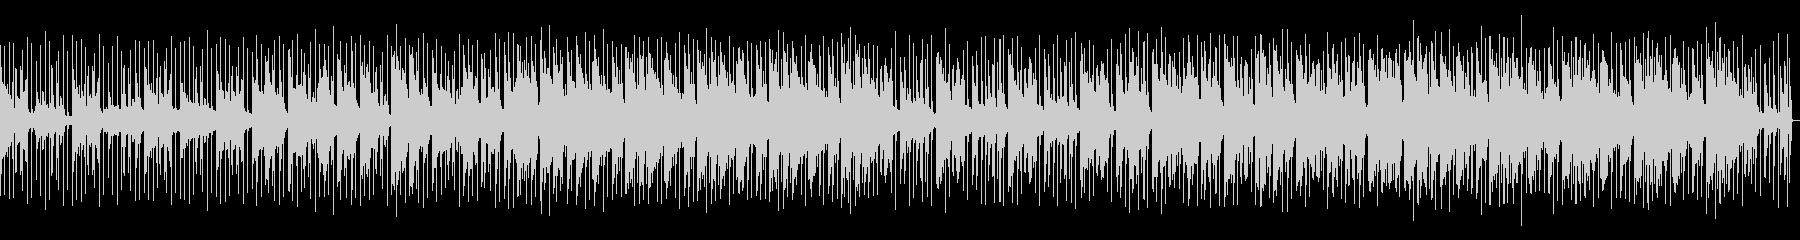 【ループ仕様】クラブジャズトランペットの未再生の波形